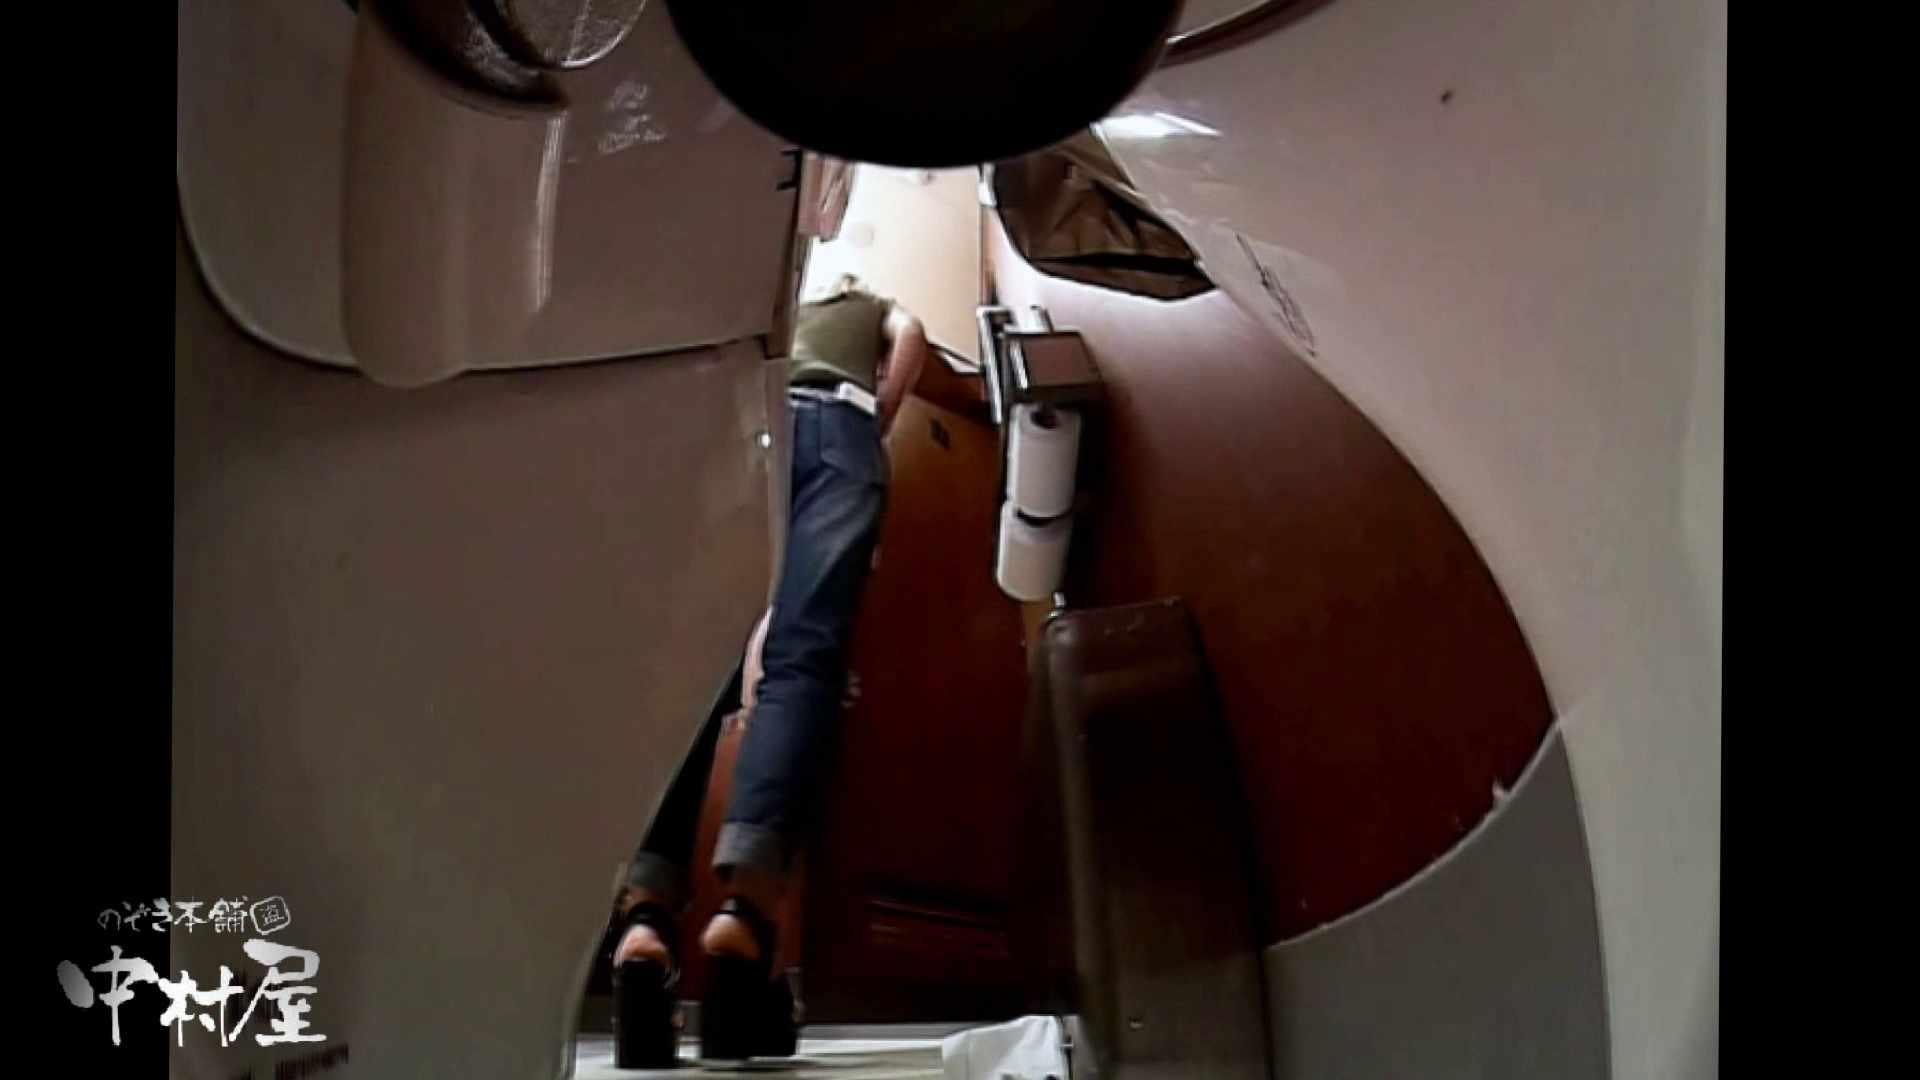 高画質トイレ盗撮vol.21 トイレ 盗み撮り動画 106PIX 83